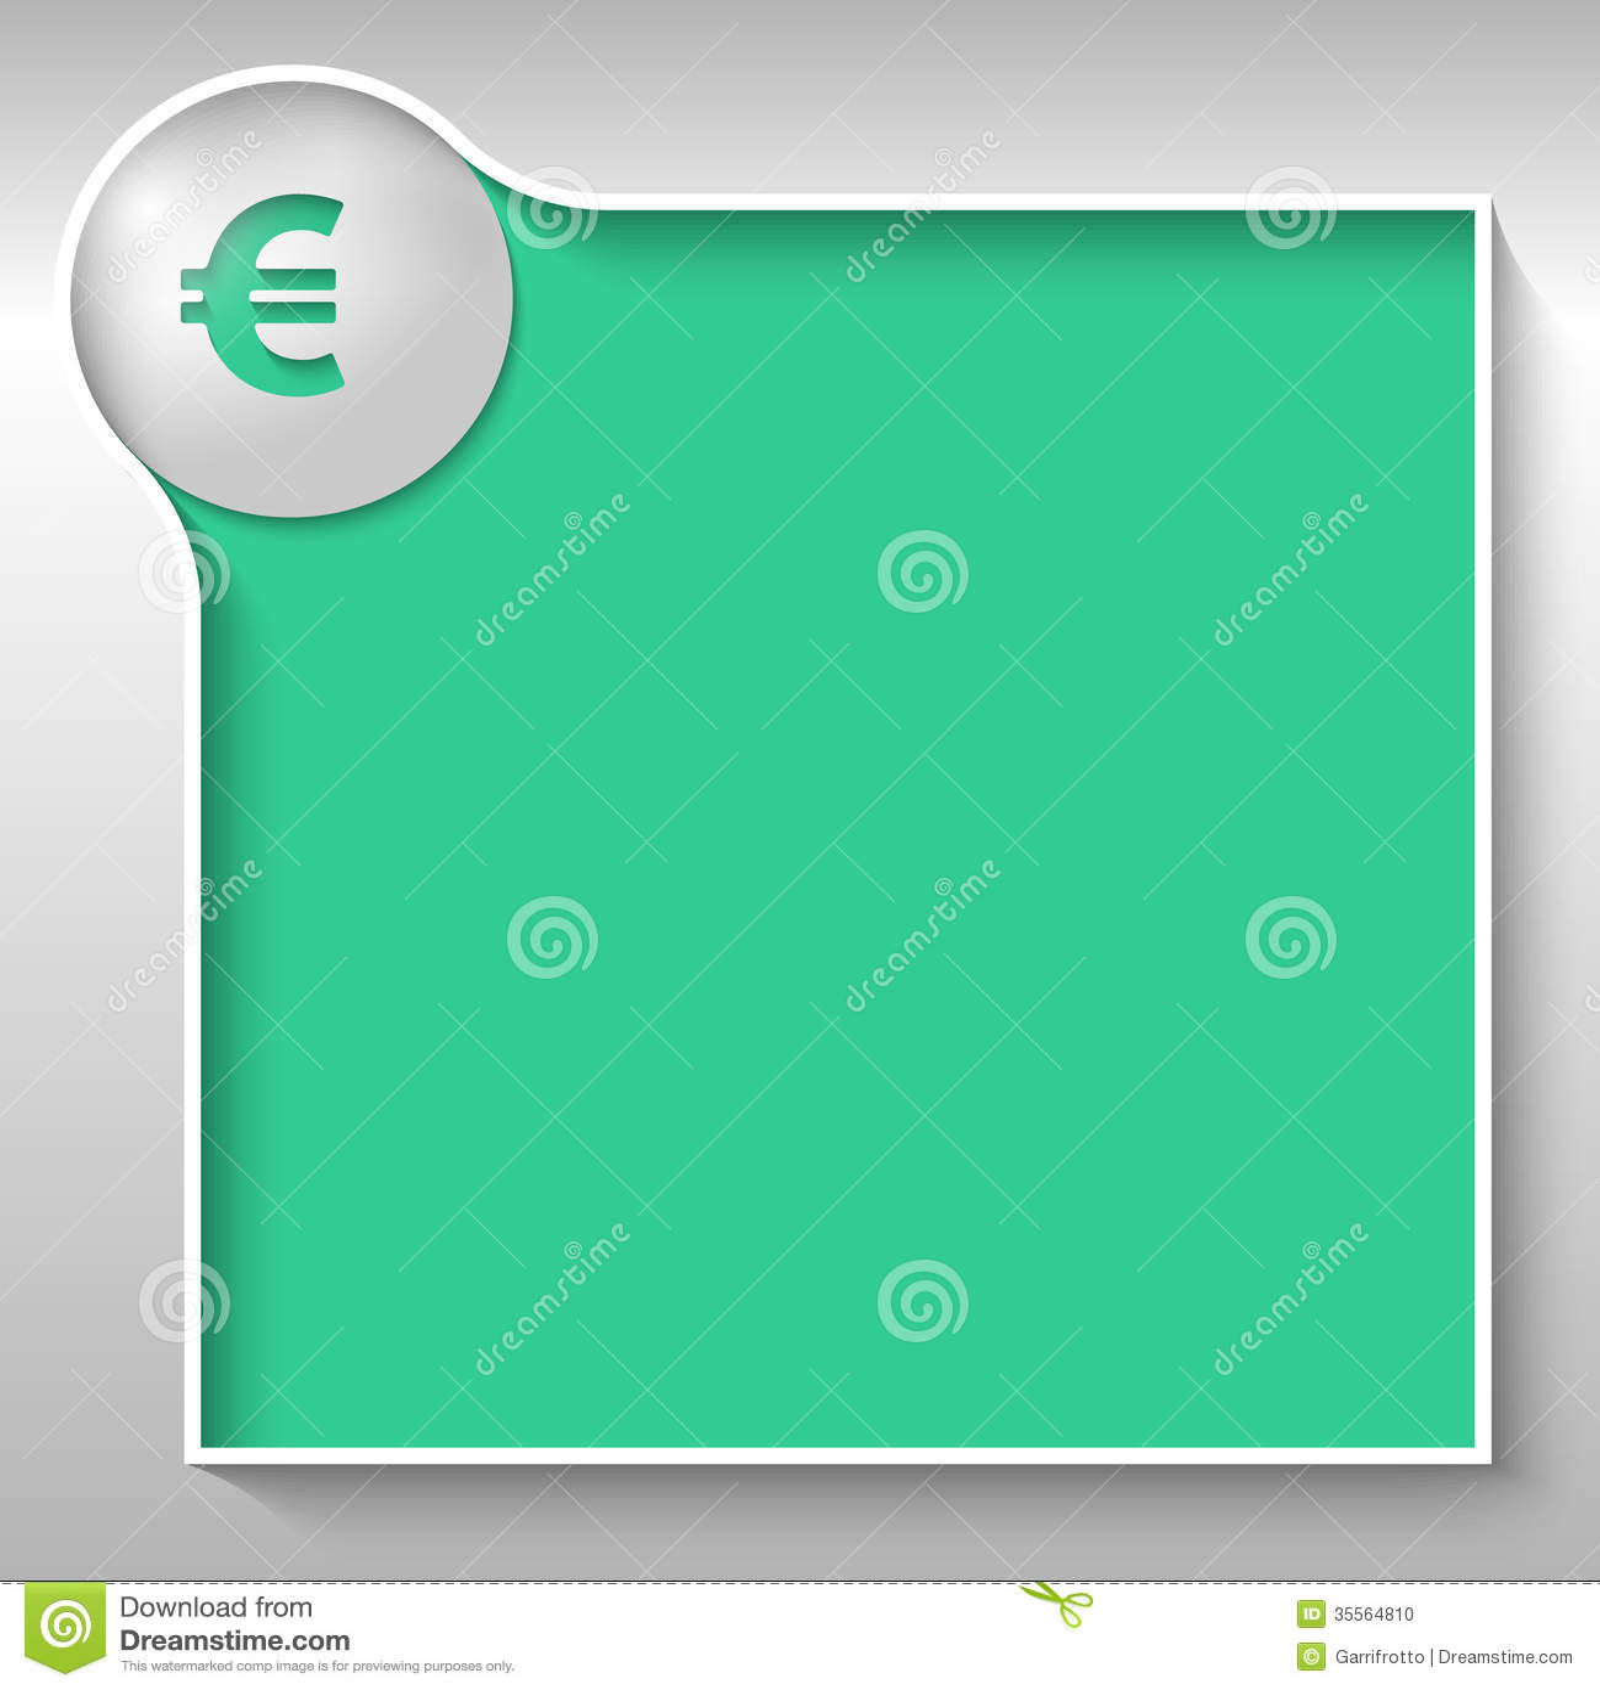 Tekstvakje Voor Om Het Even Welke Tekst Met Euro Teken